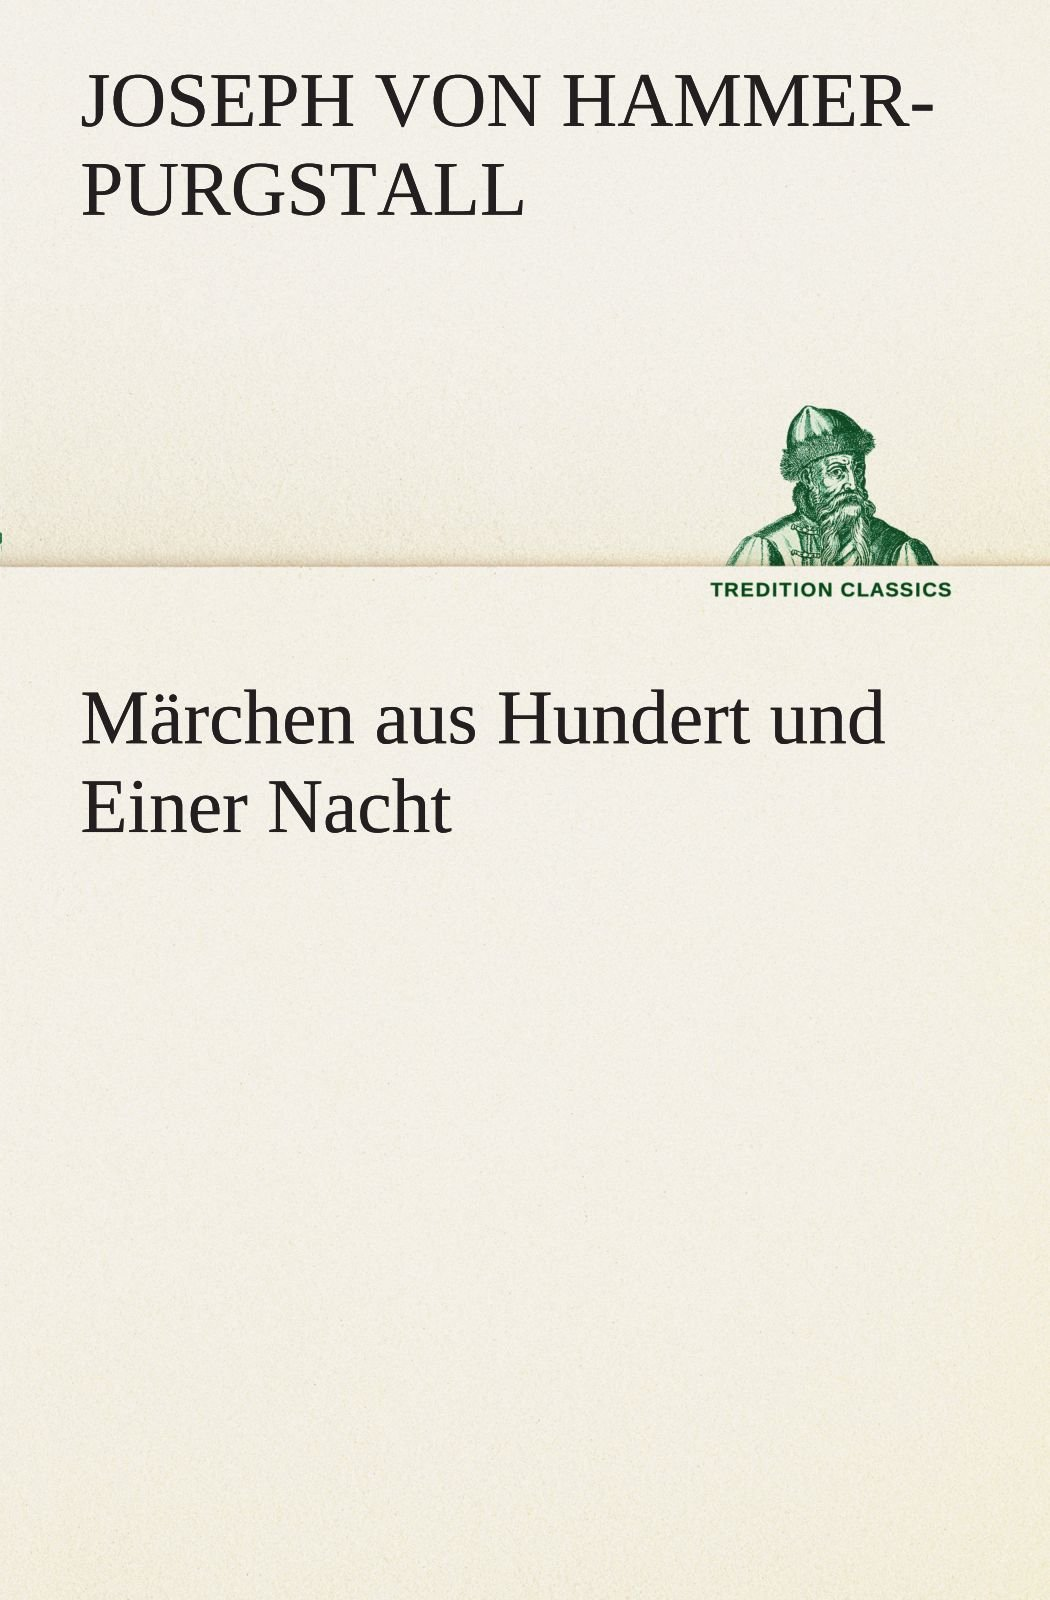 Märchen aus Hundert und Einer Nacht (TREDITION CLASSICS) (German Edition) pdf epub